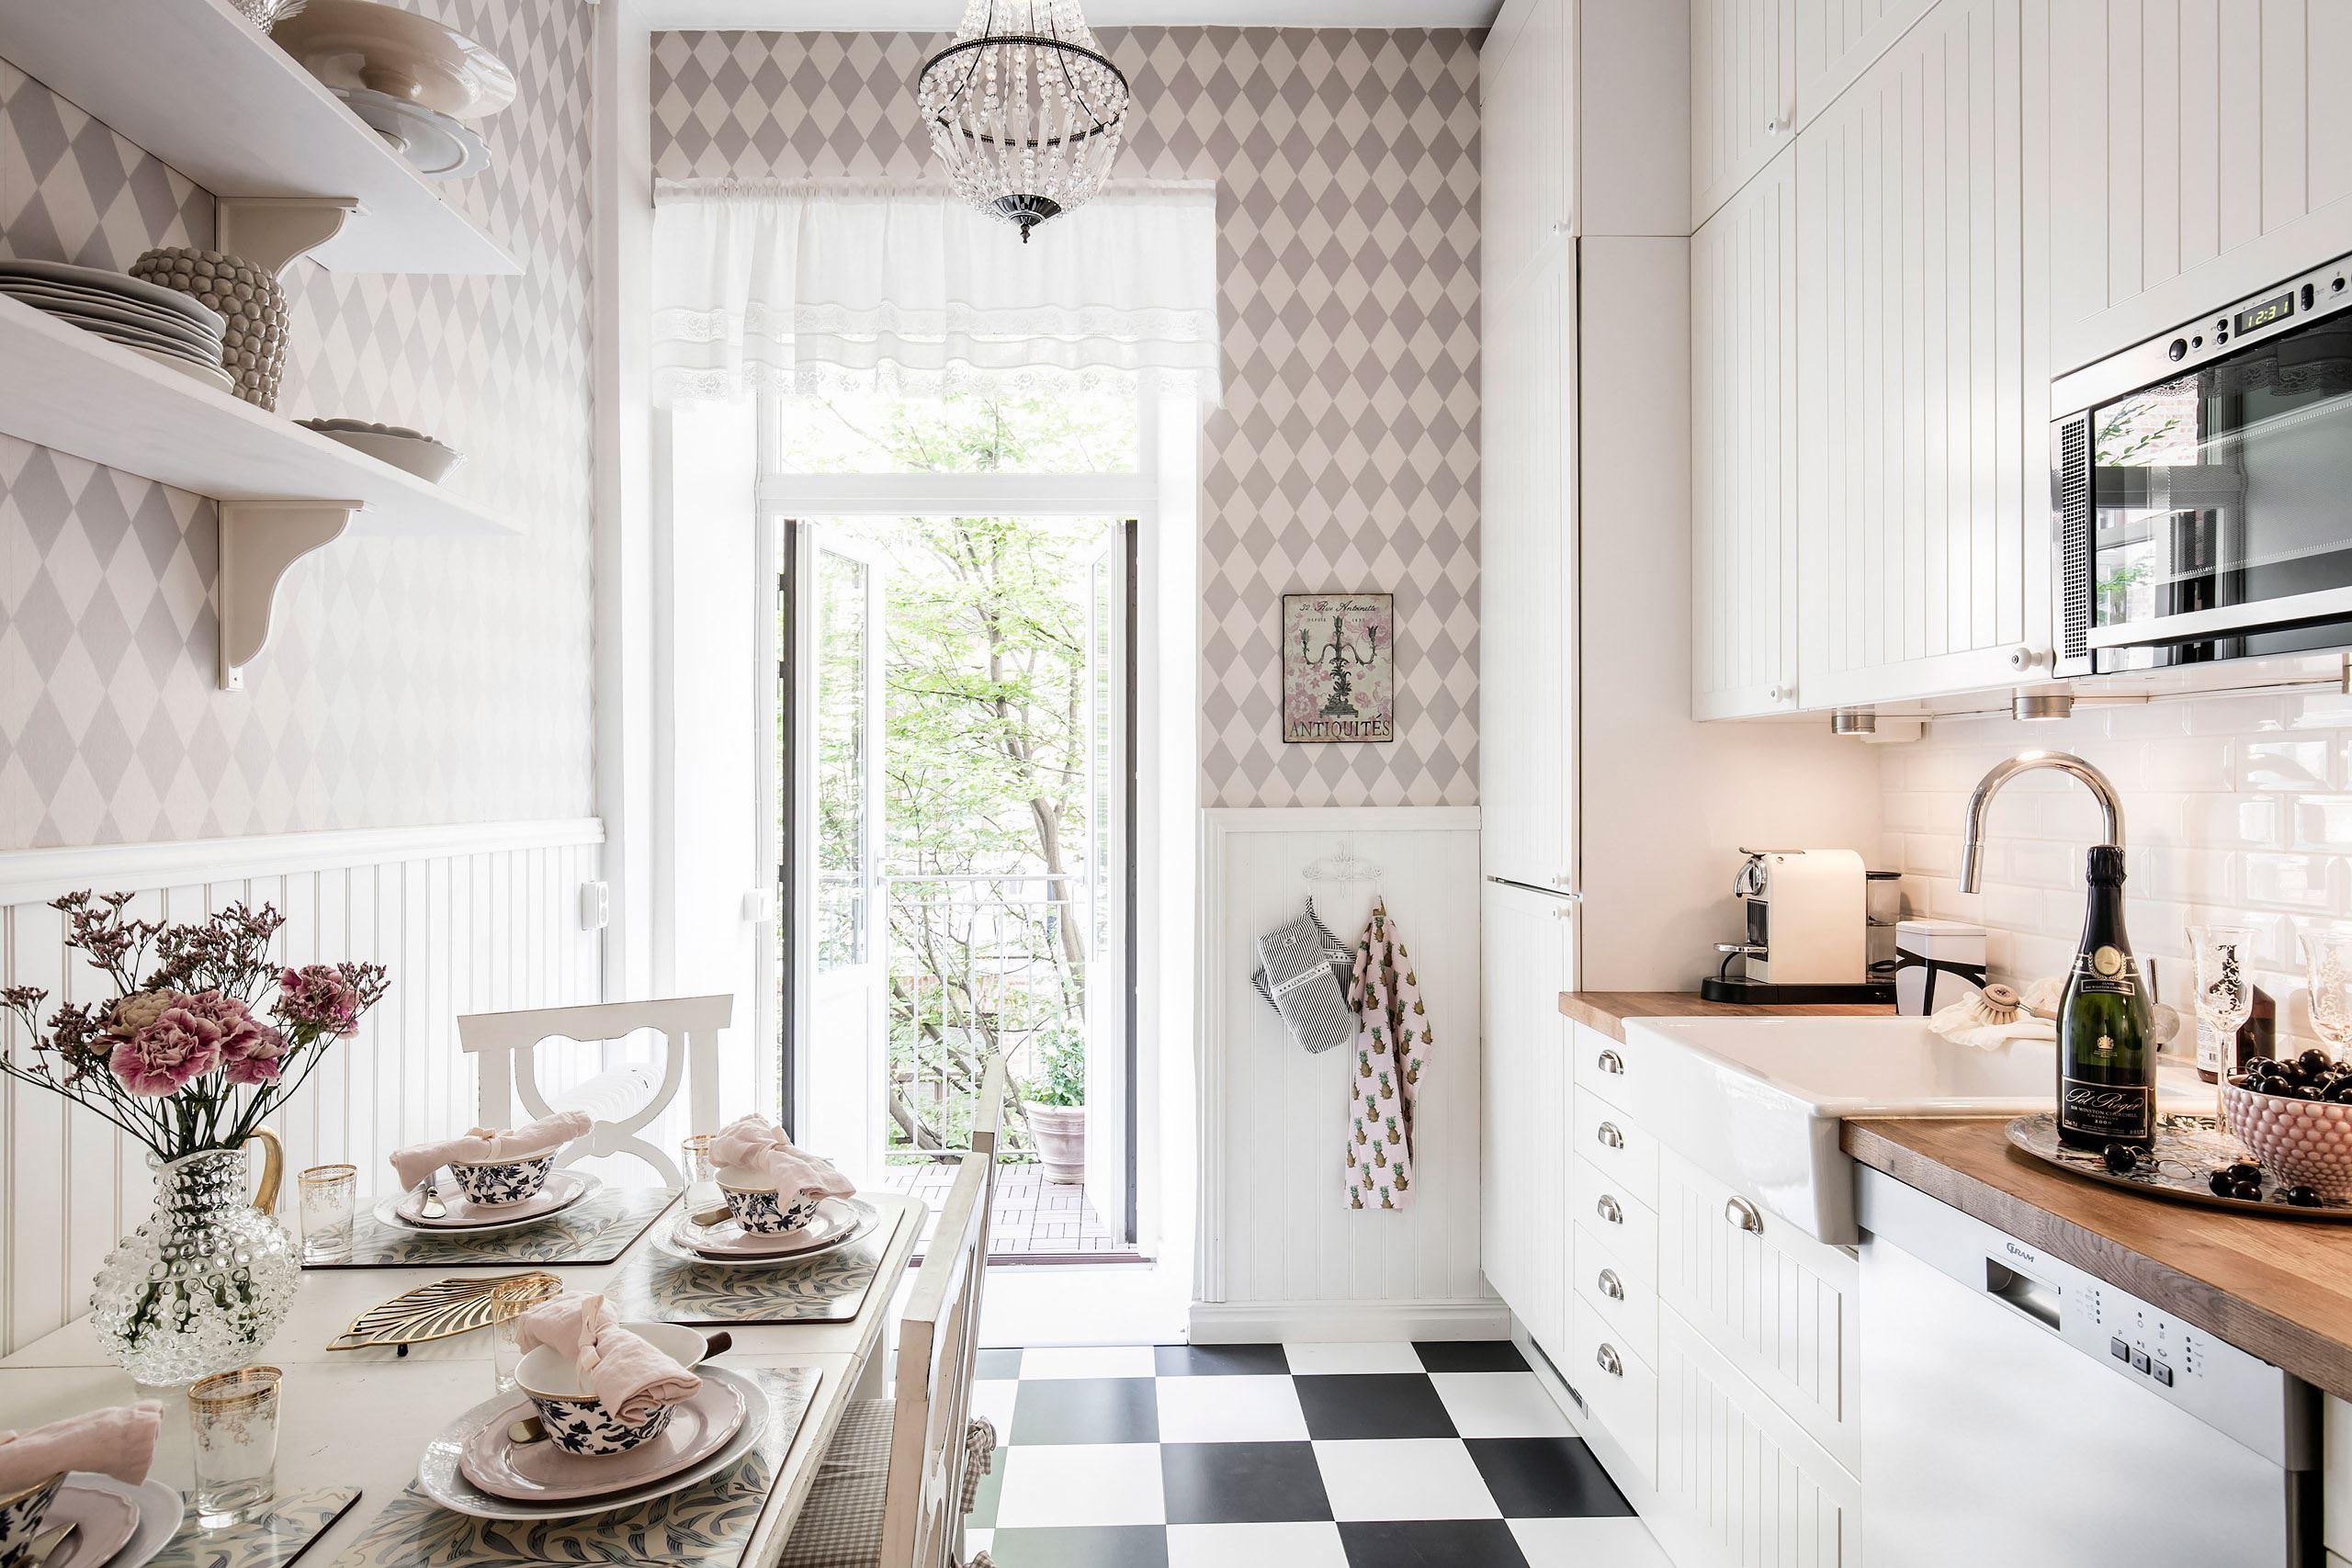 кухня белые фасады деревянная столешница накладная мойка смеситель плитка кабанчик шахматная плитка обеденный стол сервировка стеновые панели